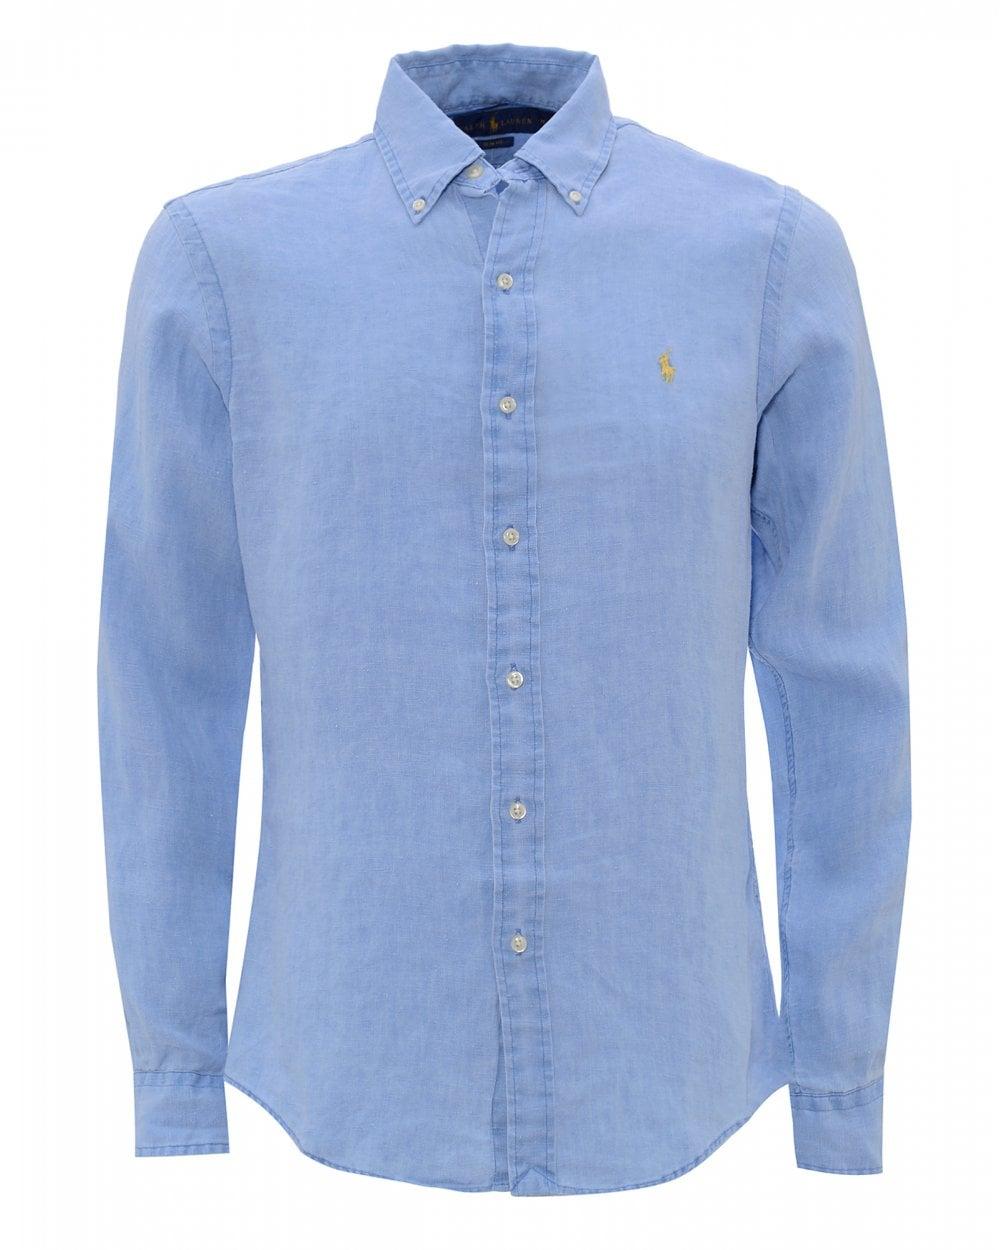 3722fbf7 Ralph Lauren Mens Riviera Blue Slim Fit Linen Shirt